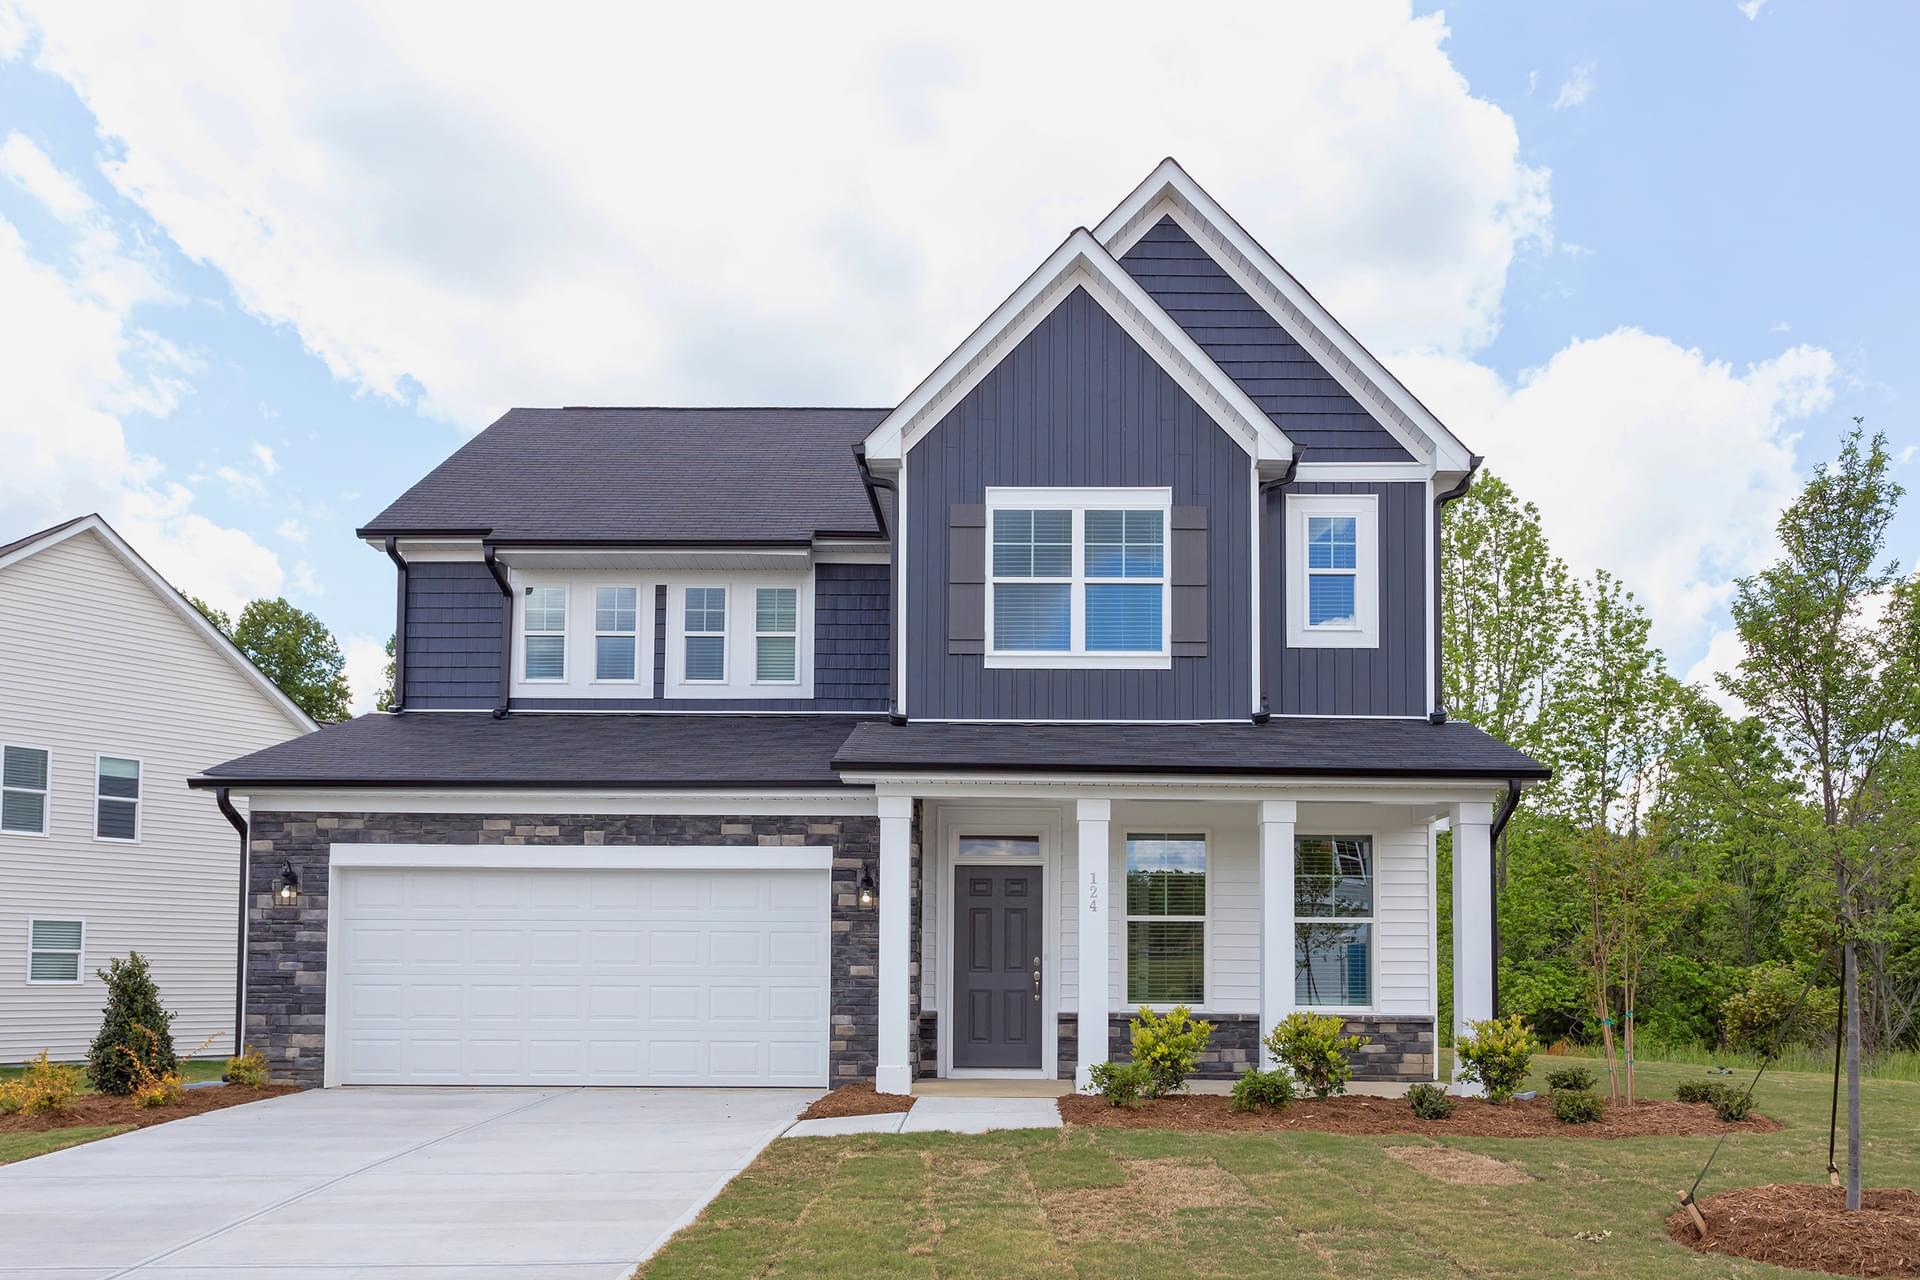 Gaston New Home in North Carolina